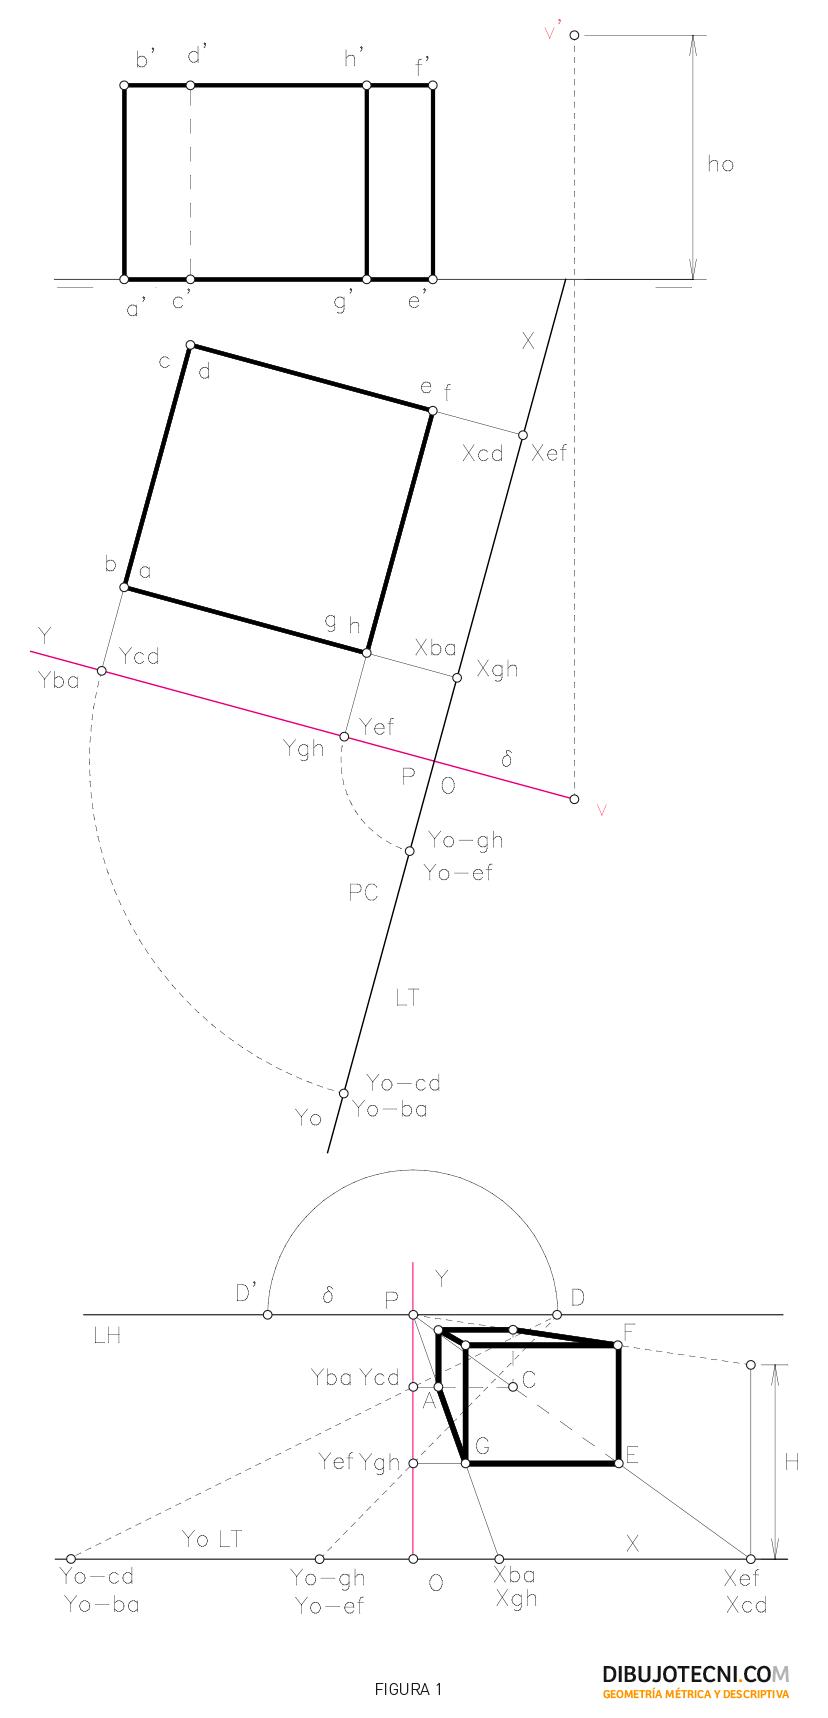 Perspectiva cónica. Método de coordenadas.